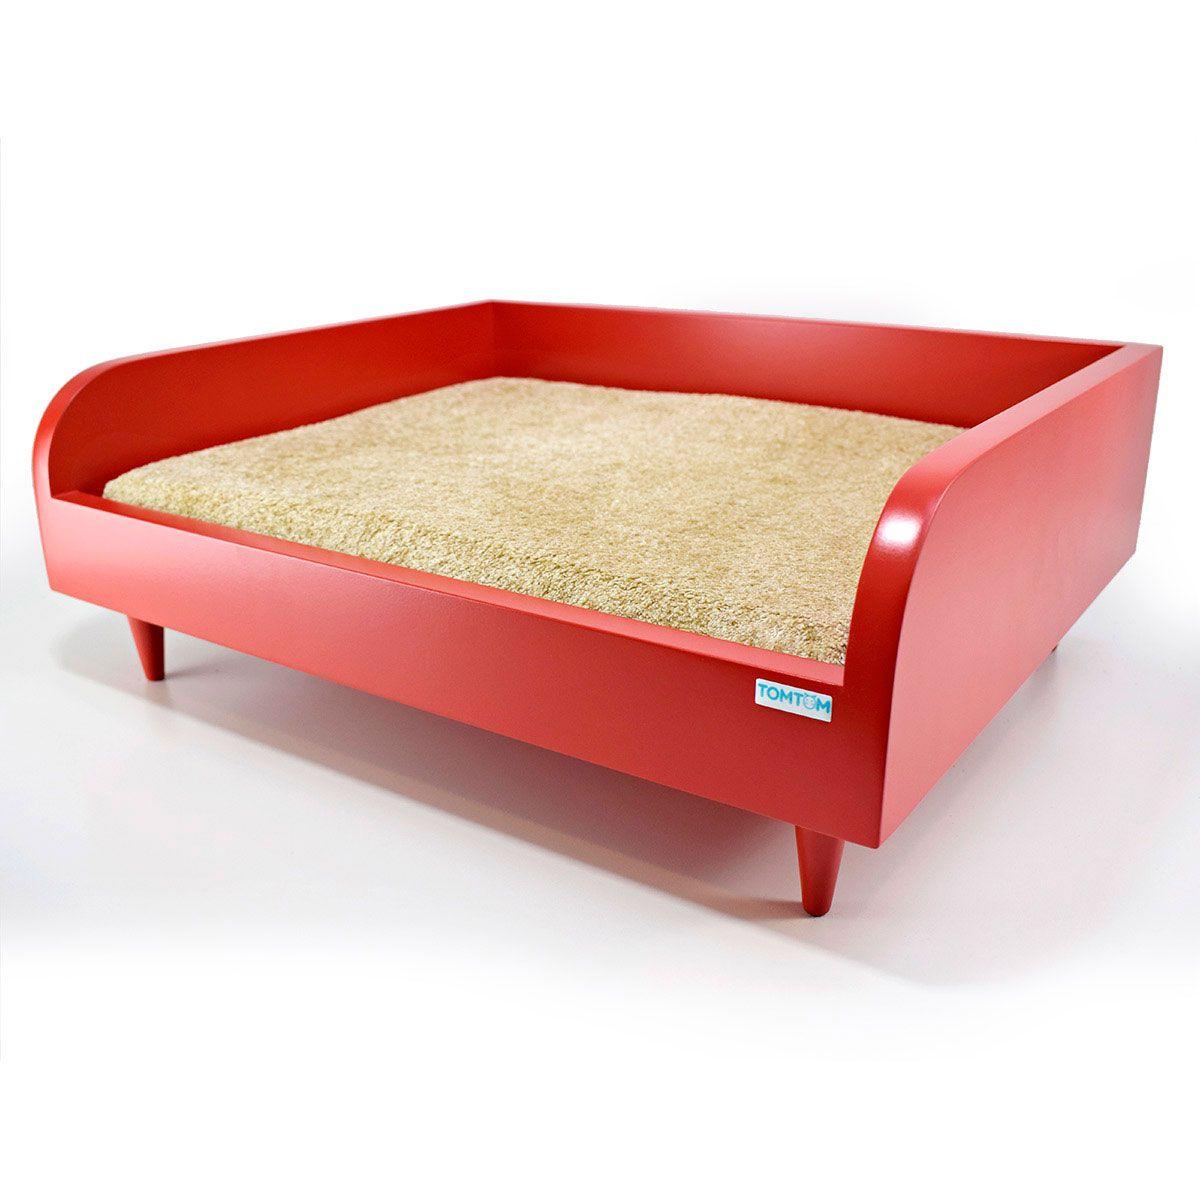 Sofá para Cachorro Tomtom Vermelho com Almofada Bege - P